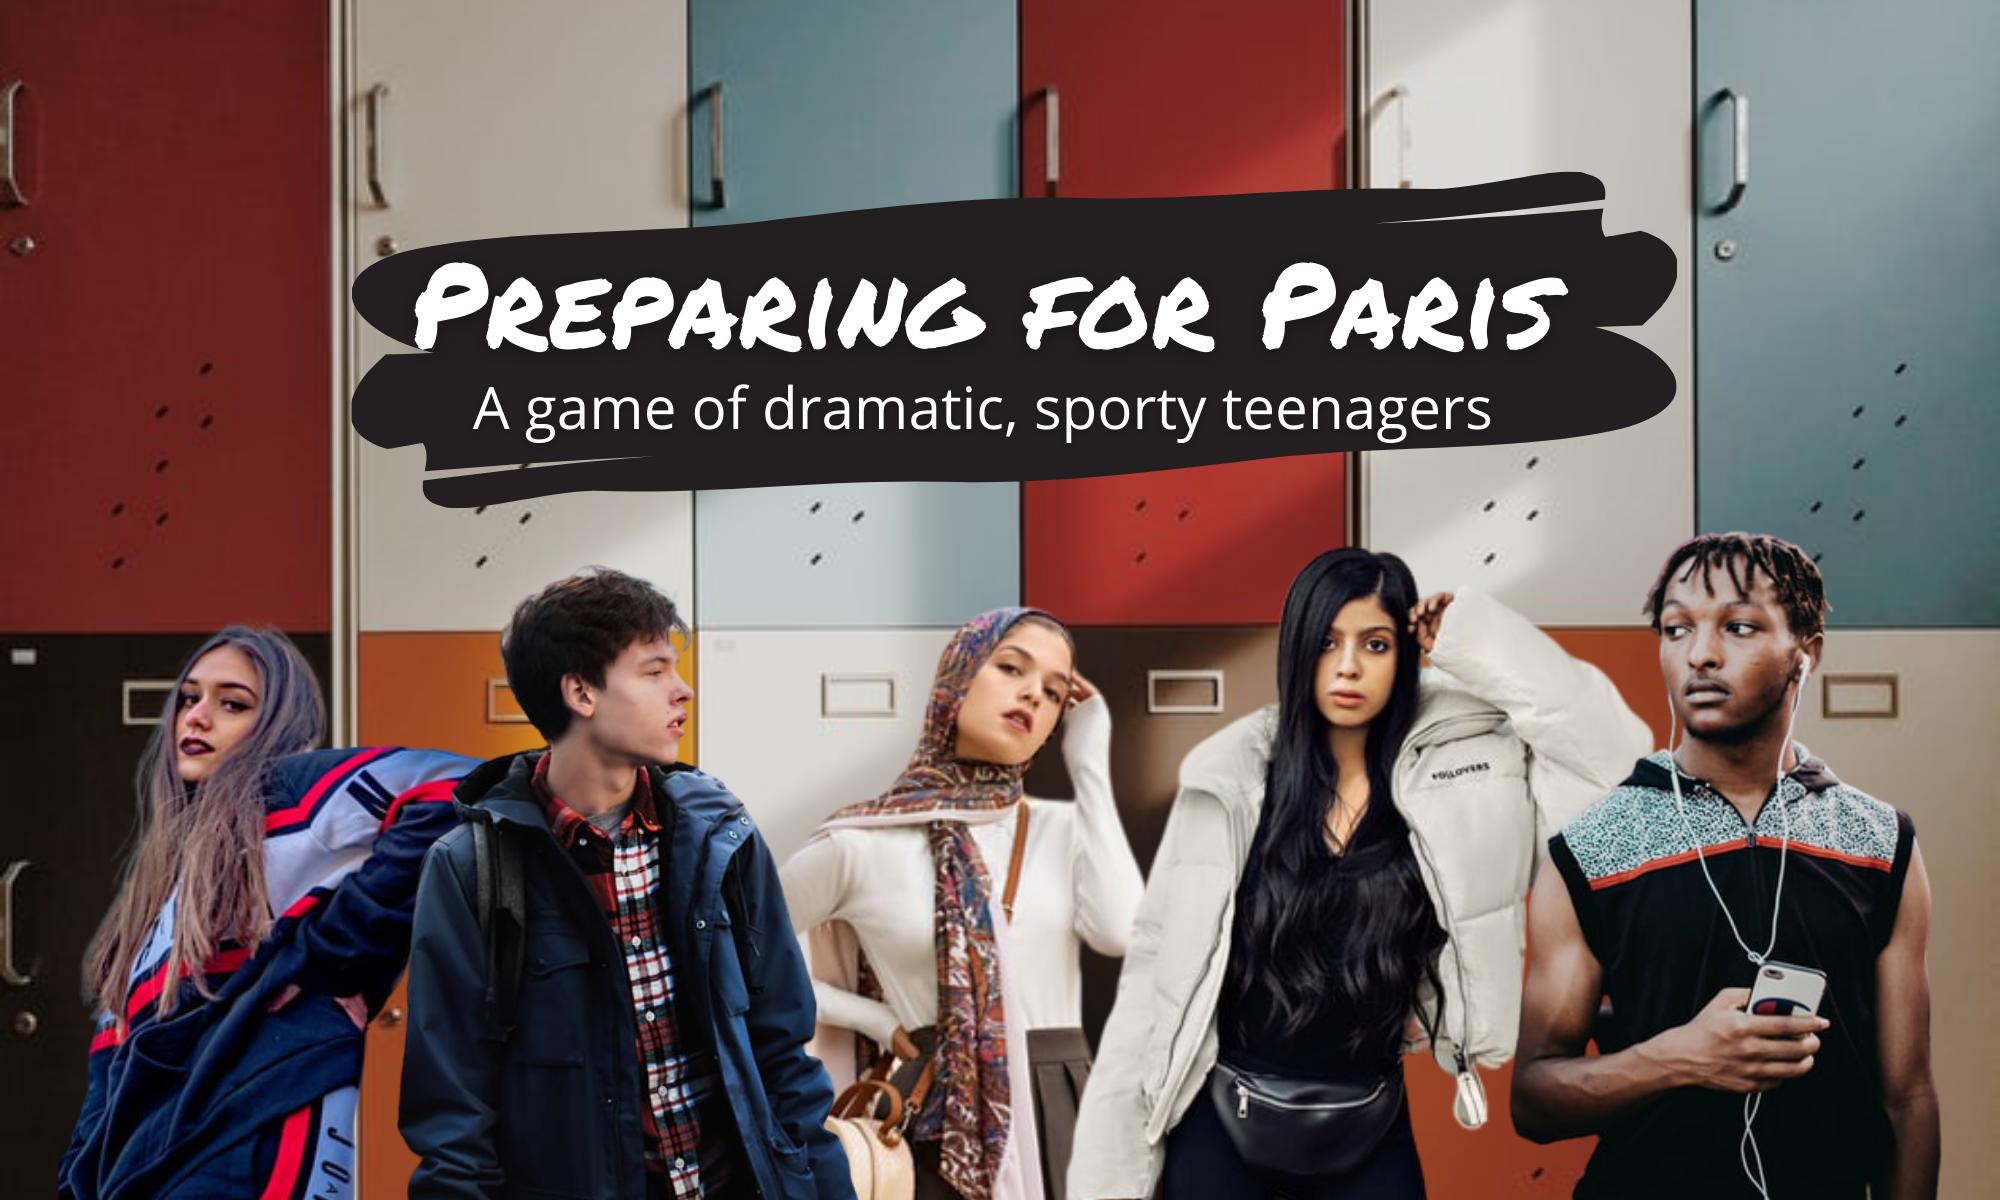 Preparing for Paris